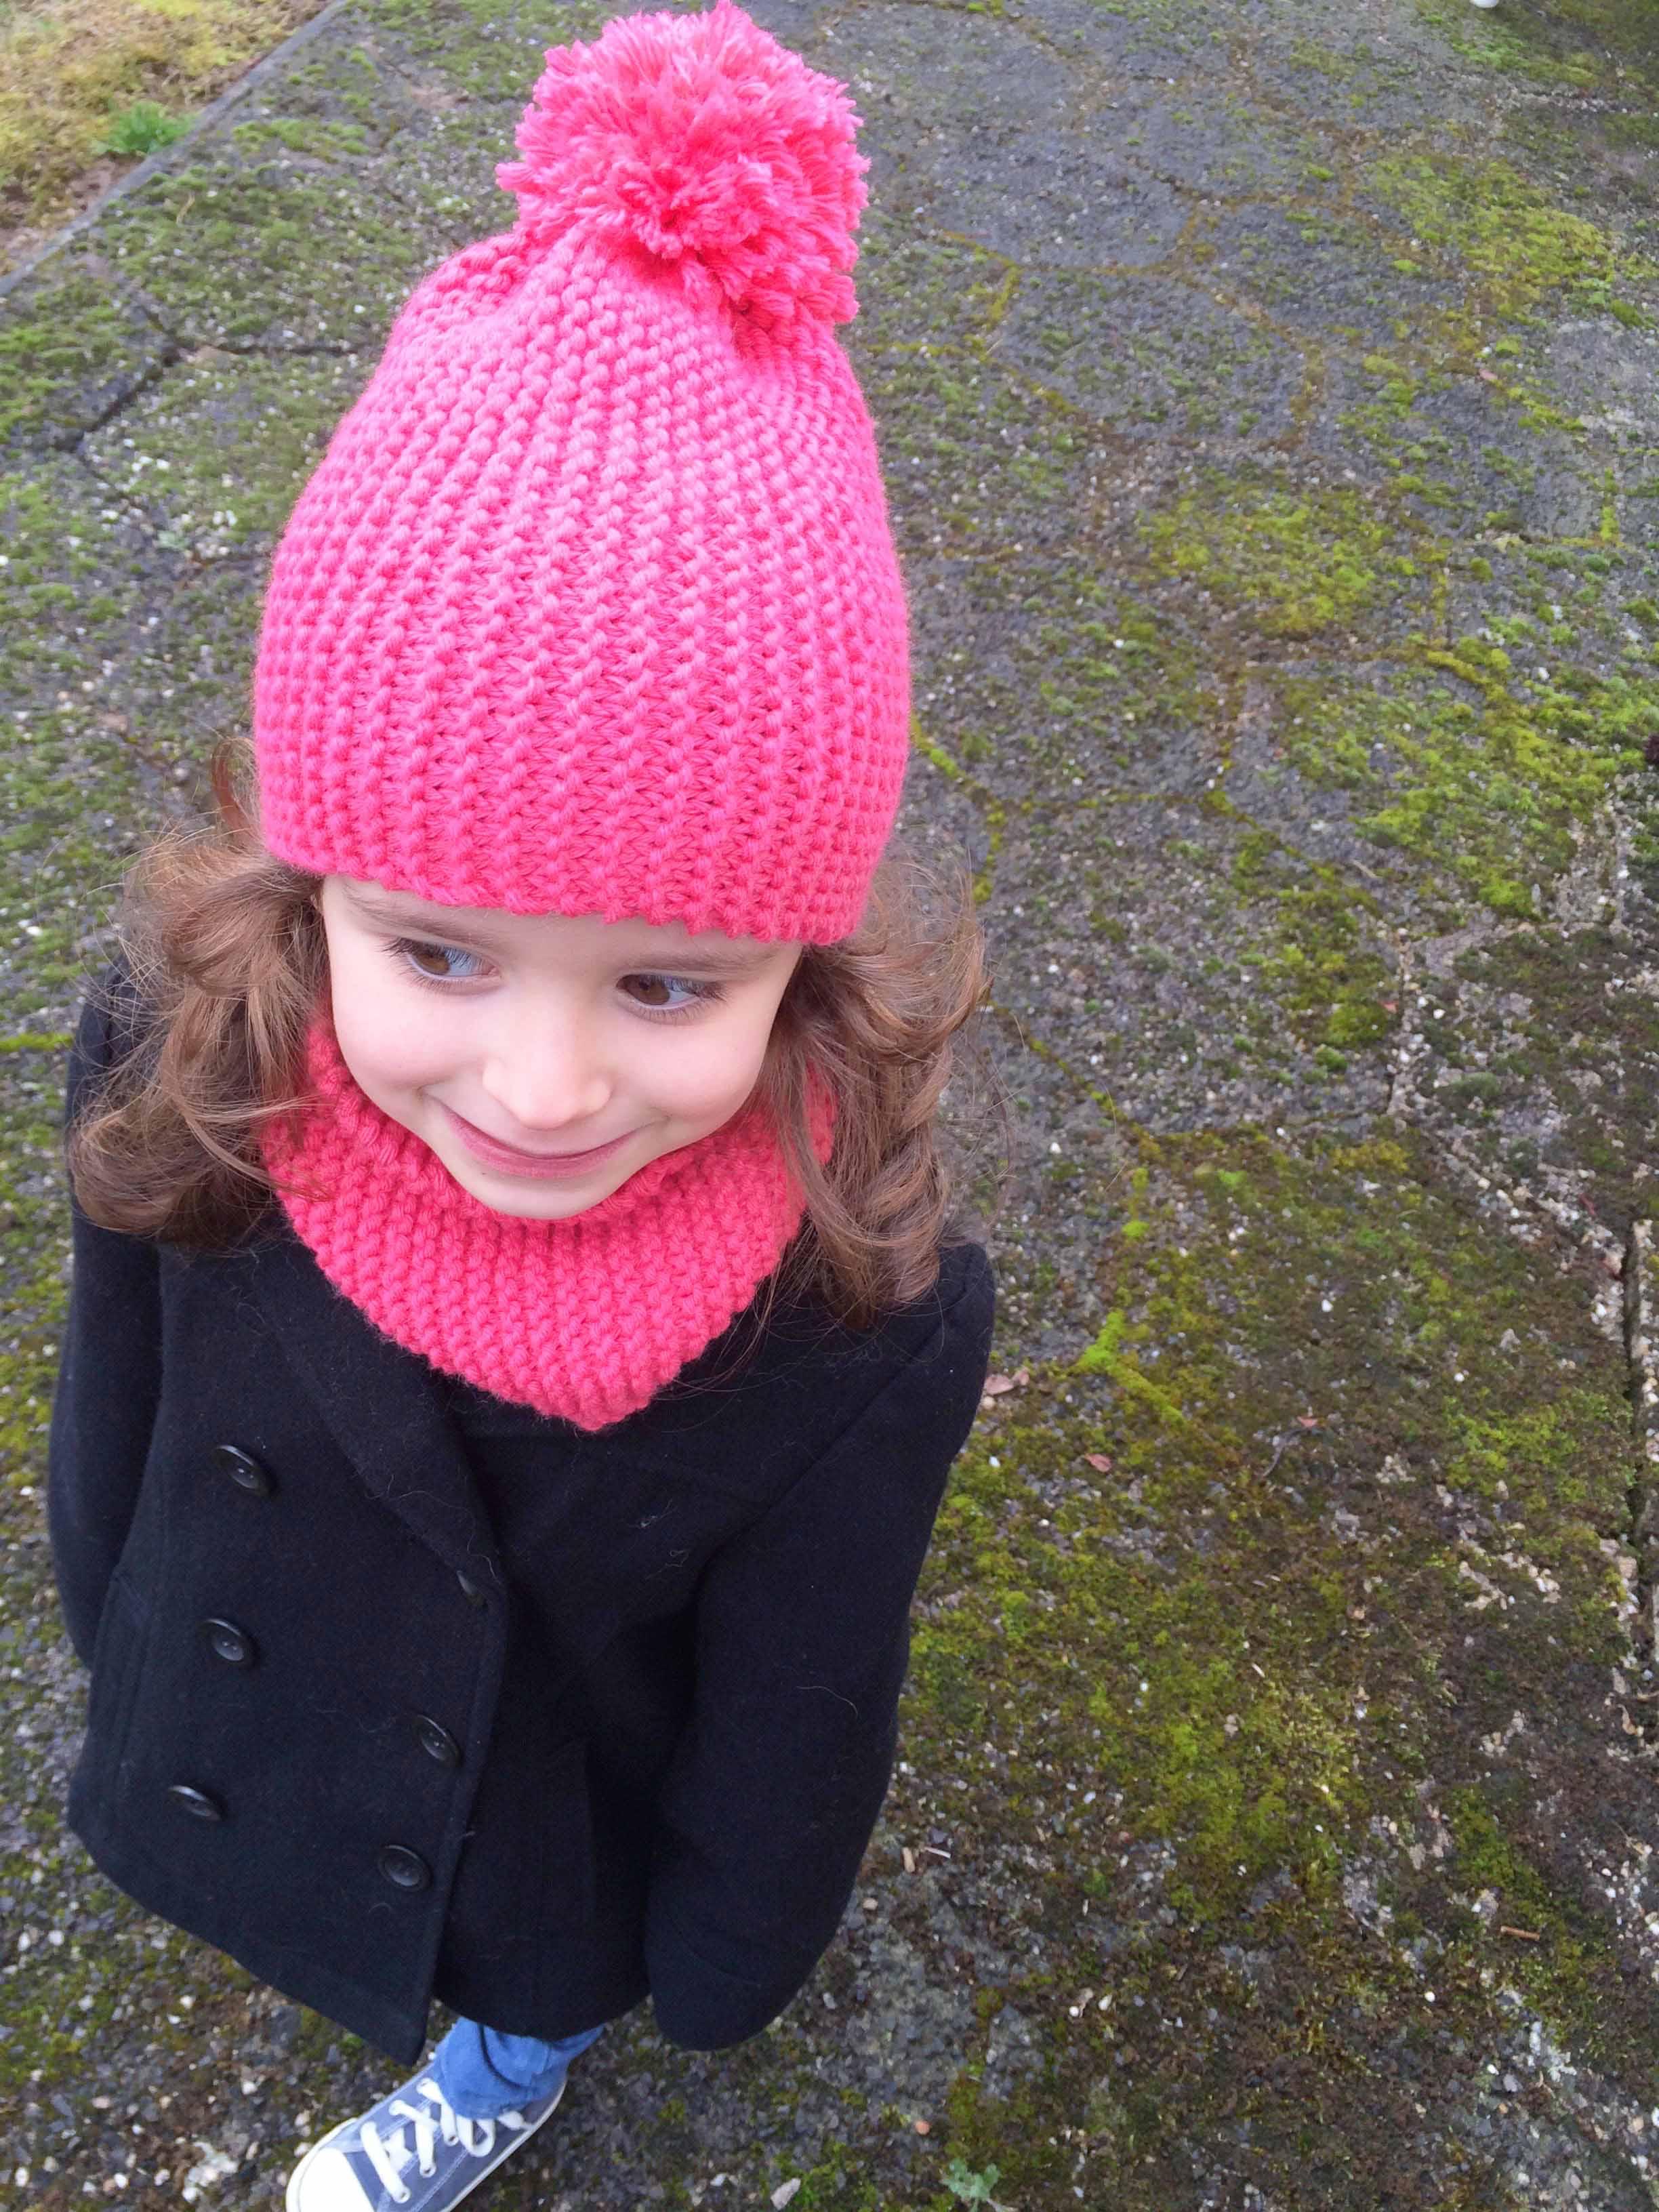 Tricoter bonnet garcon 10 ans - Idées de tricot gratuit bf394e192c9